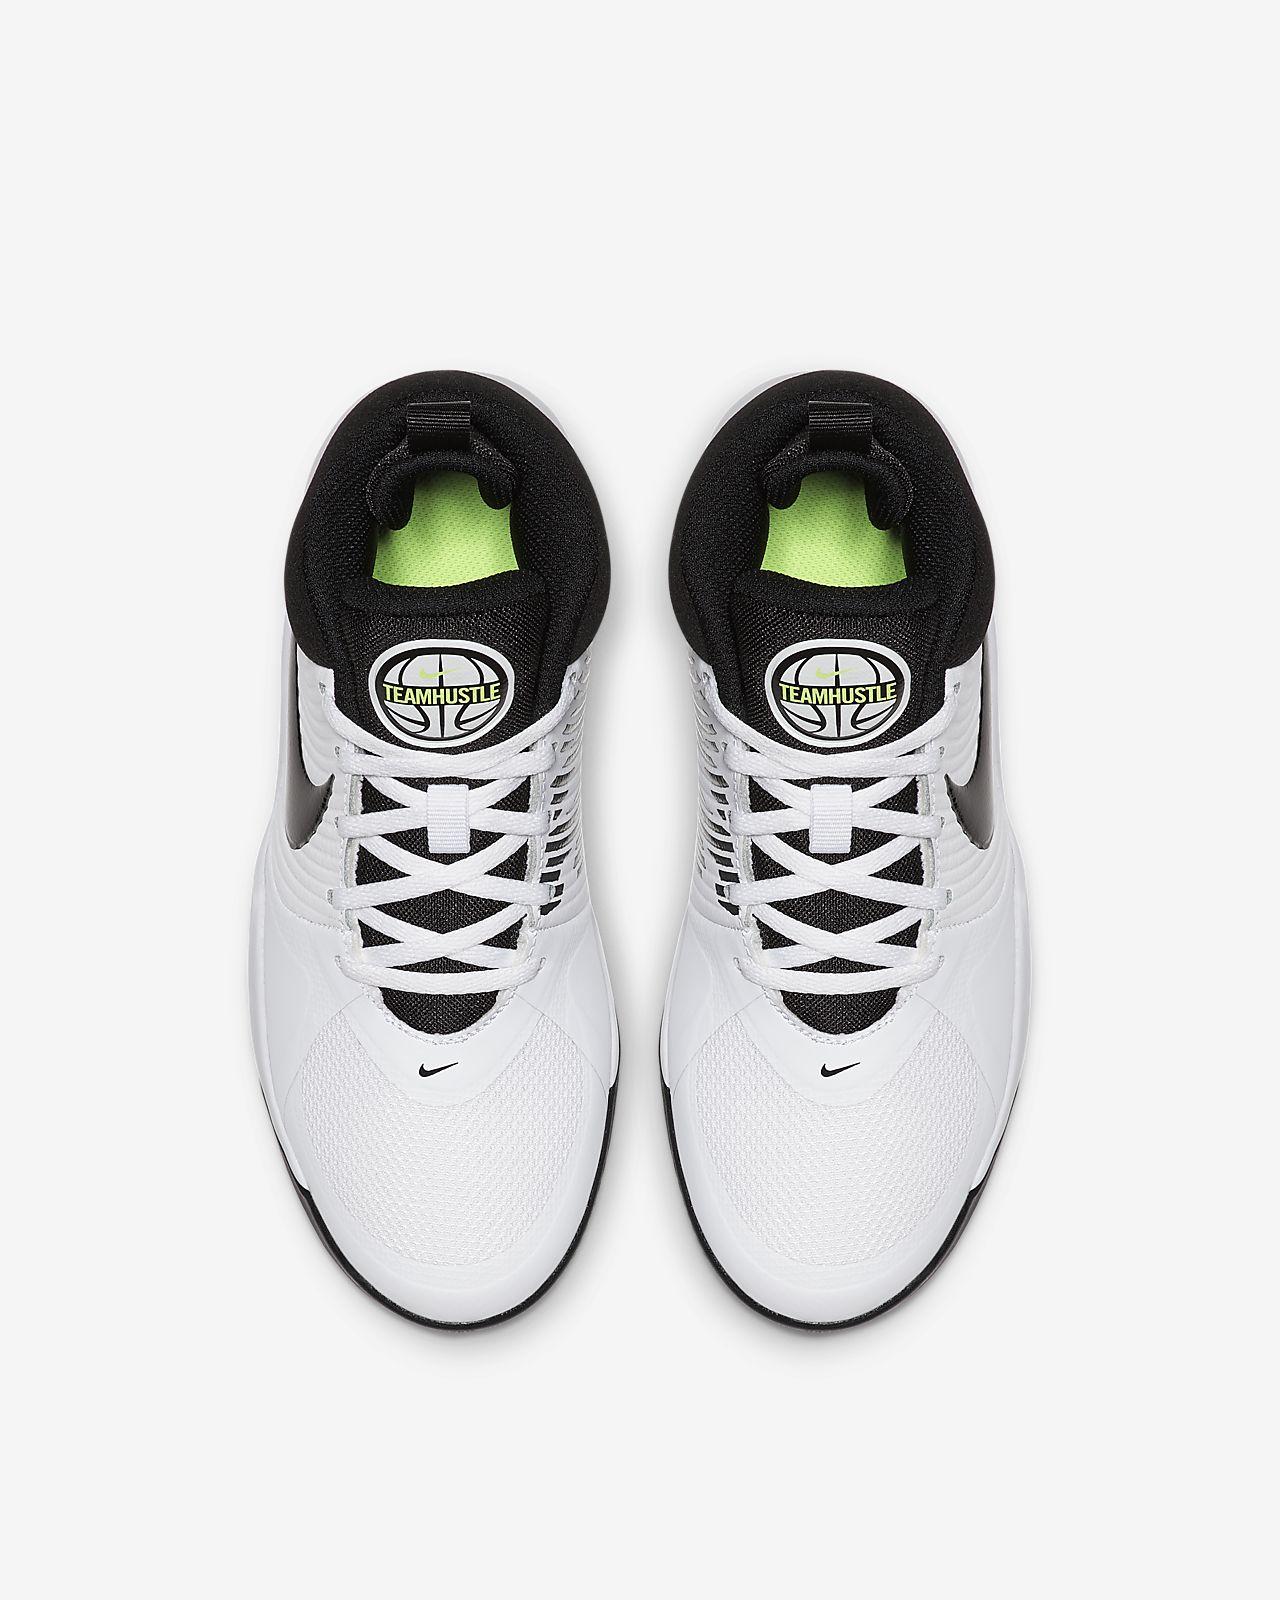 newest 5e2fe 0d8c4 ... Chaussure de basketball Nike Team Hustle D 9 pour Enfant plus âgé